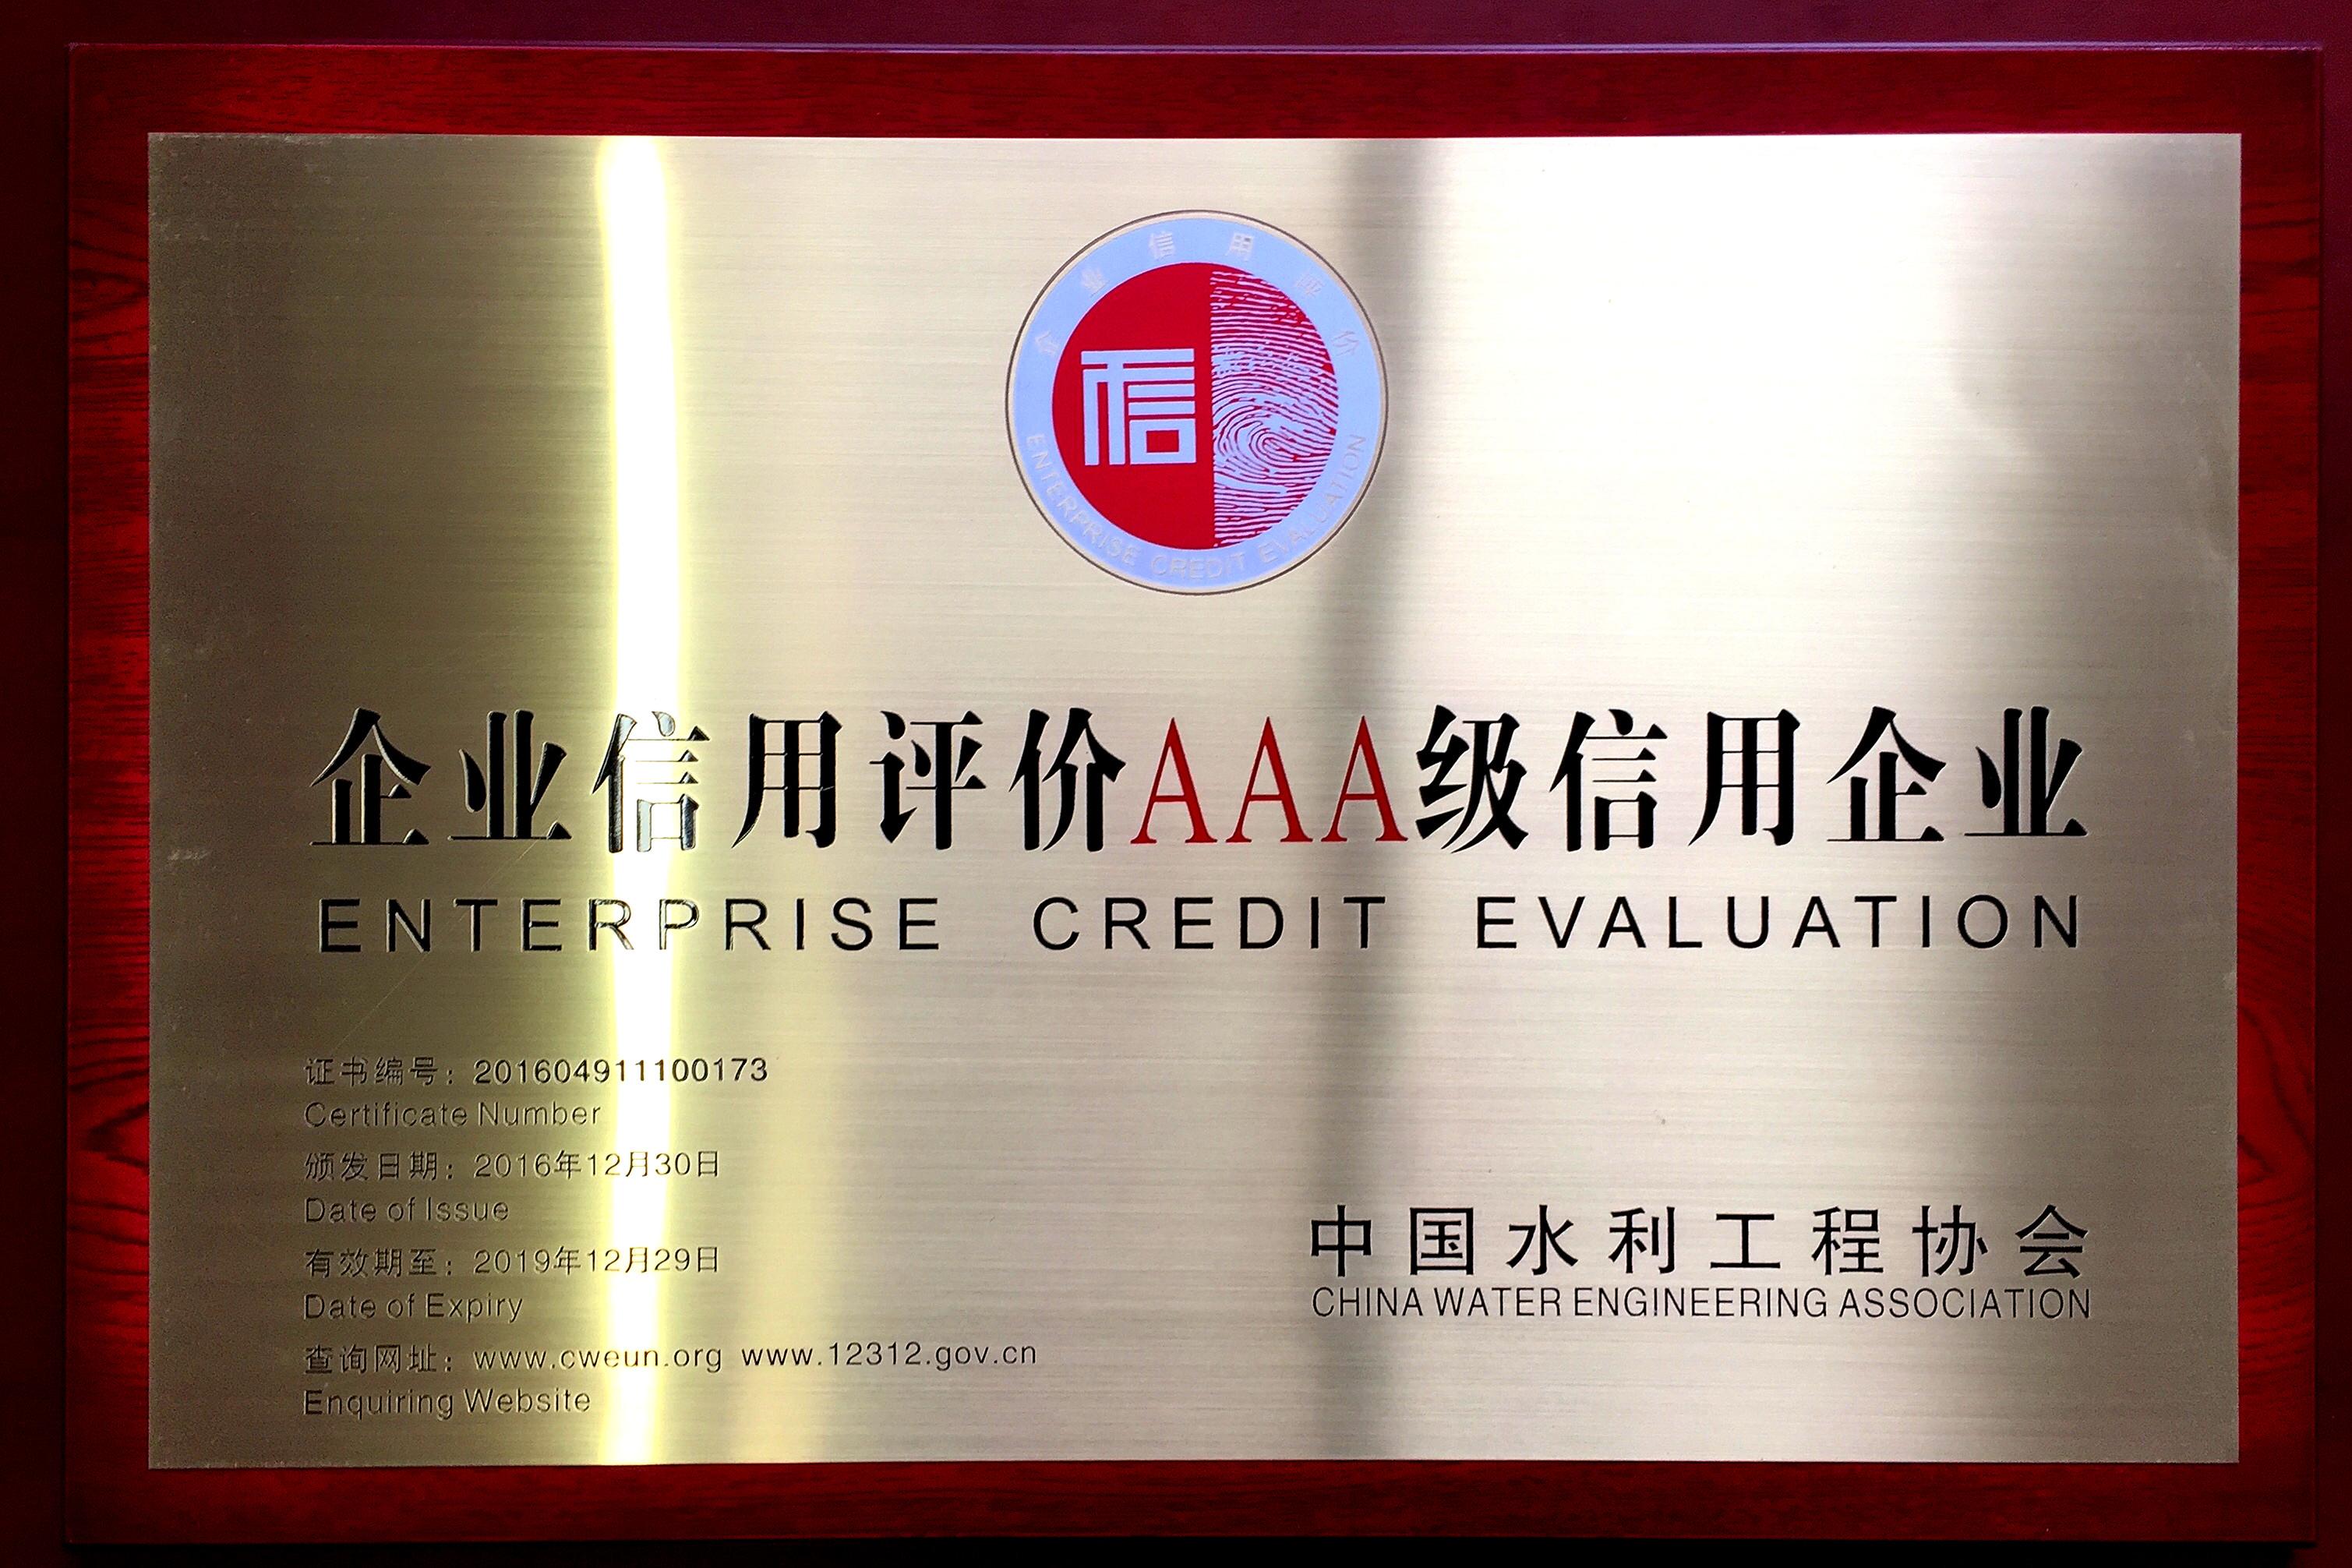 """【奖项荣誉】中国水利工程协会""""AAA级信用""""称号"""